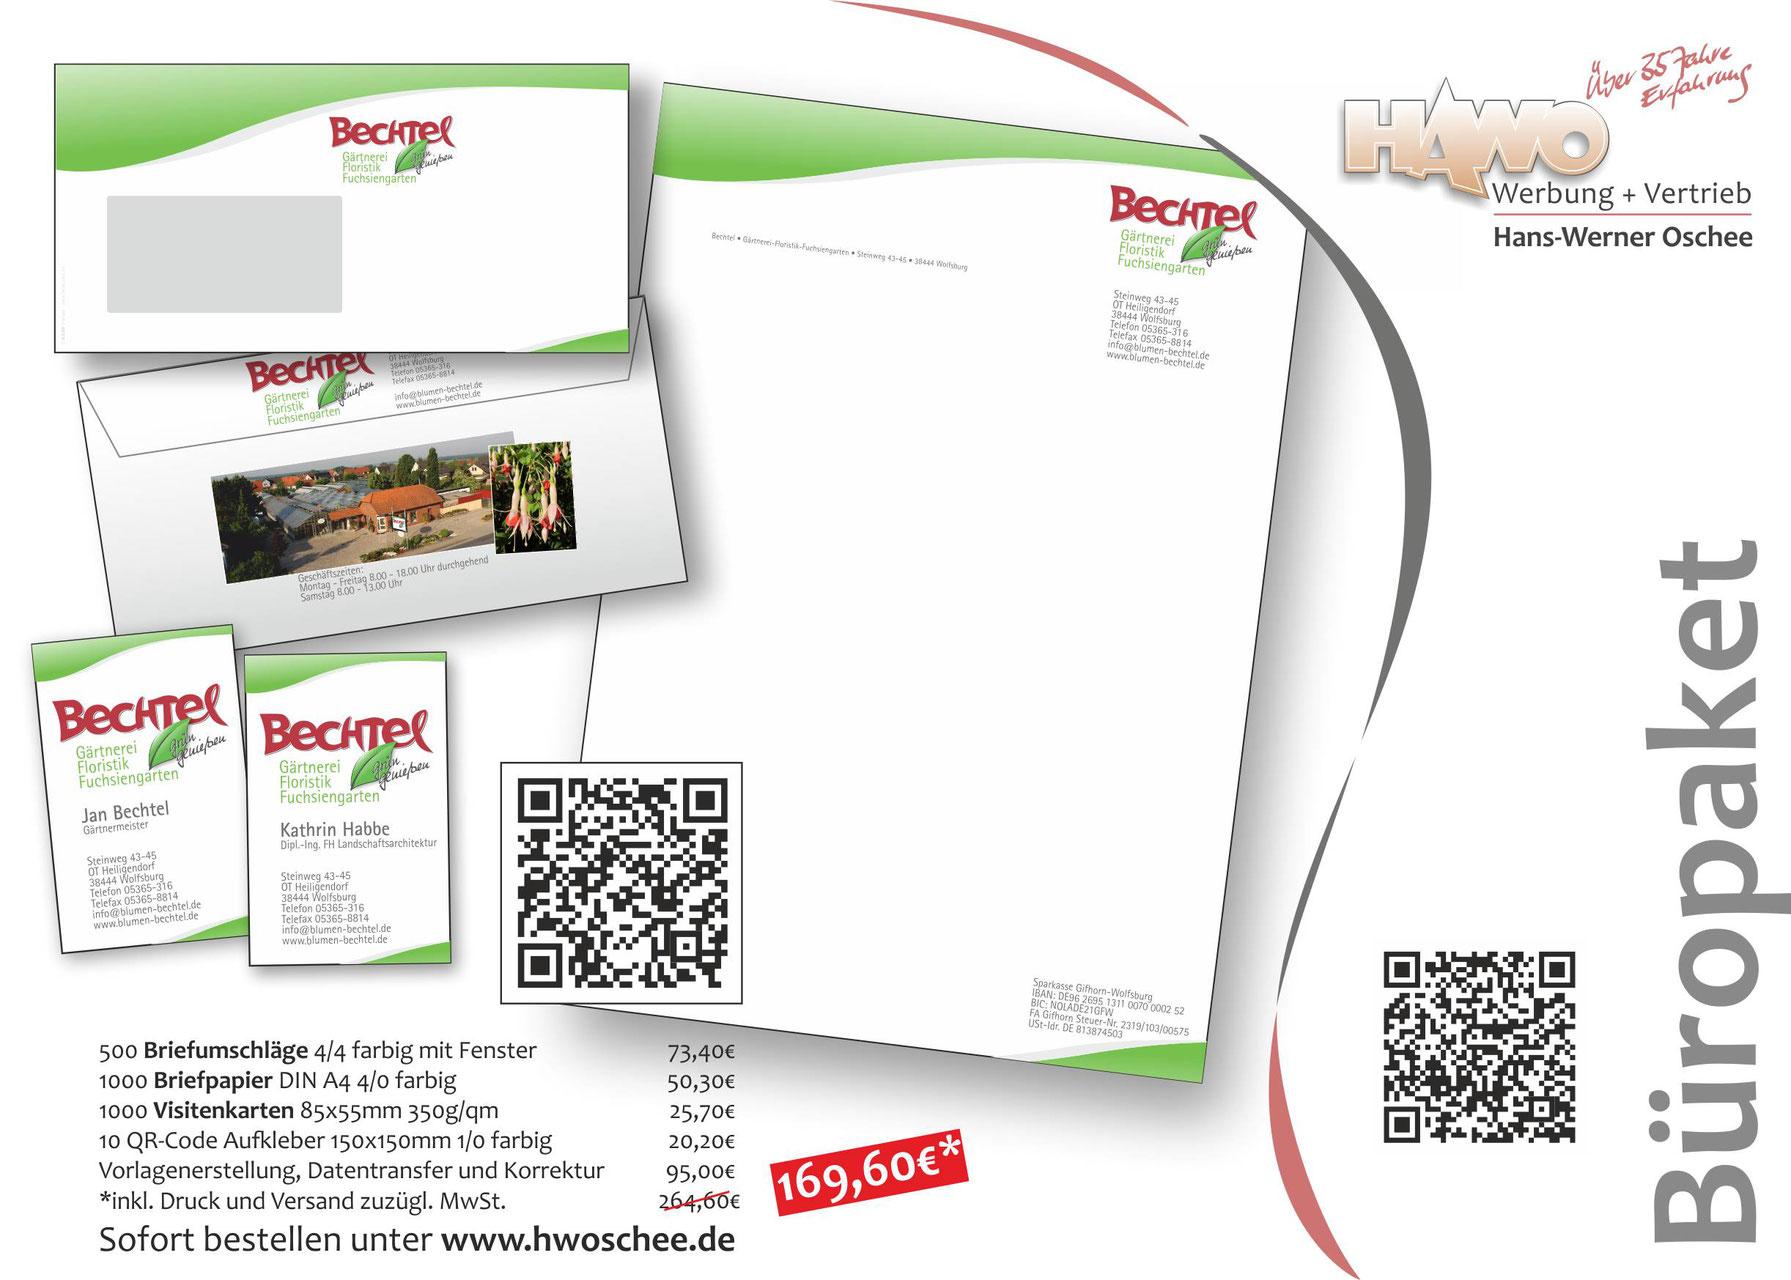 Büropaket oschees Webseite